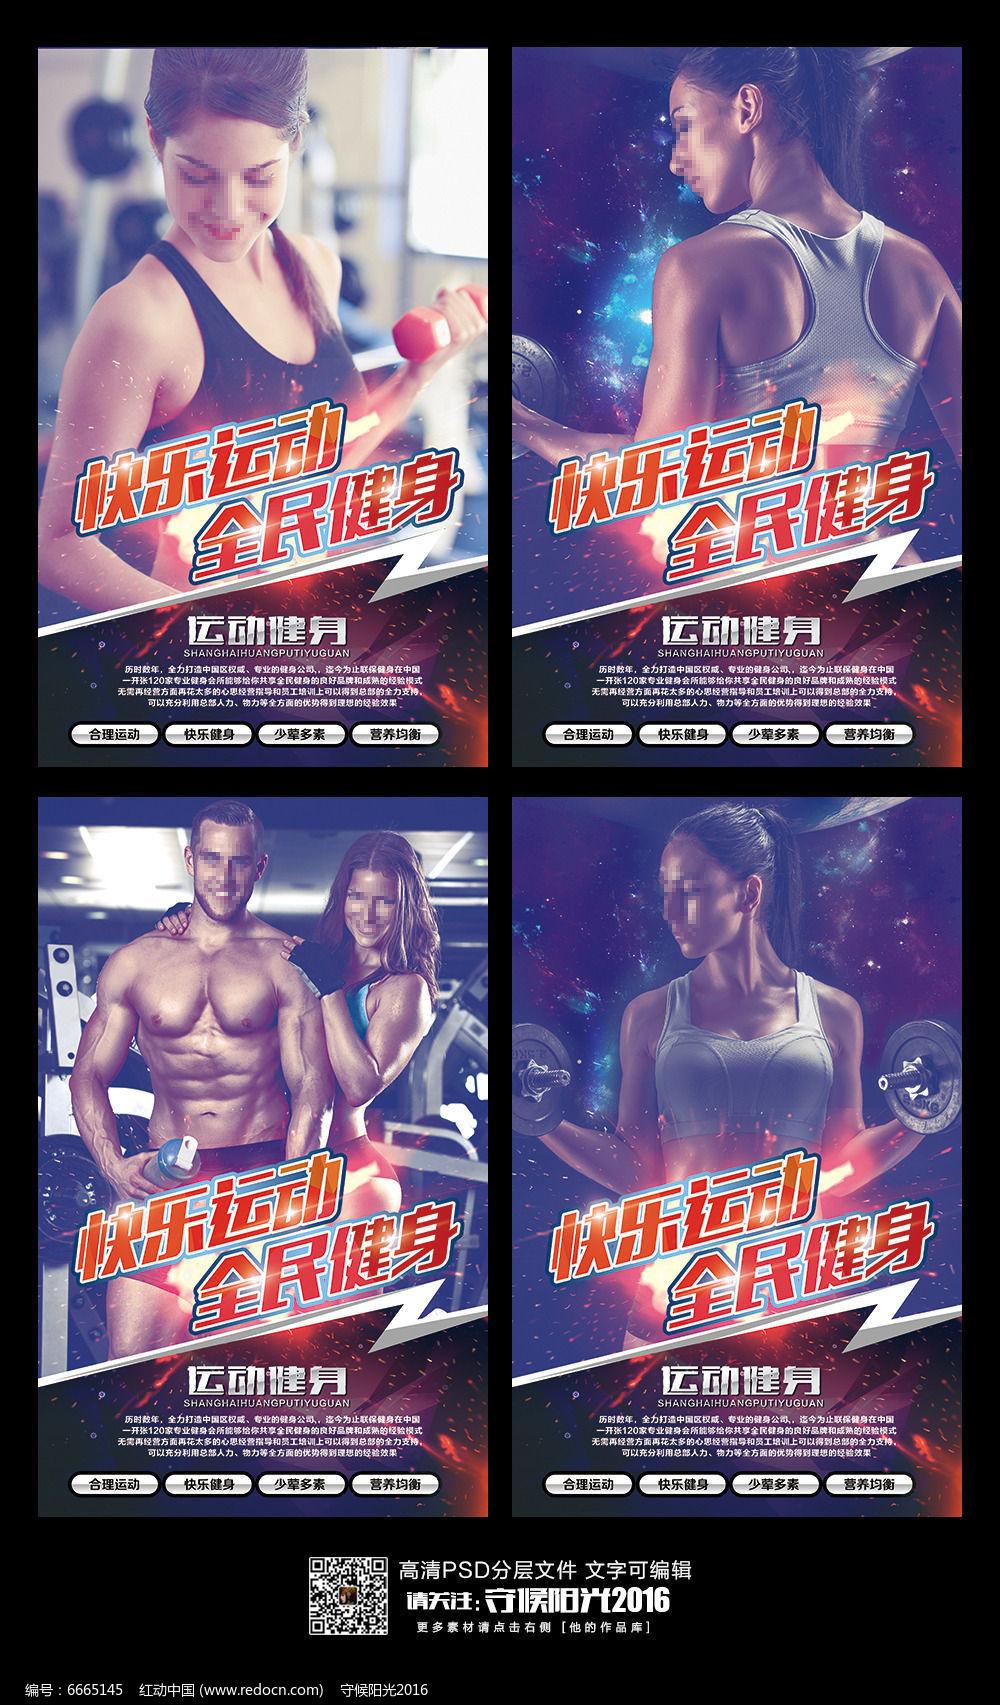 全民运动健身季宣传海报图片